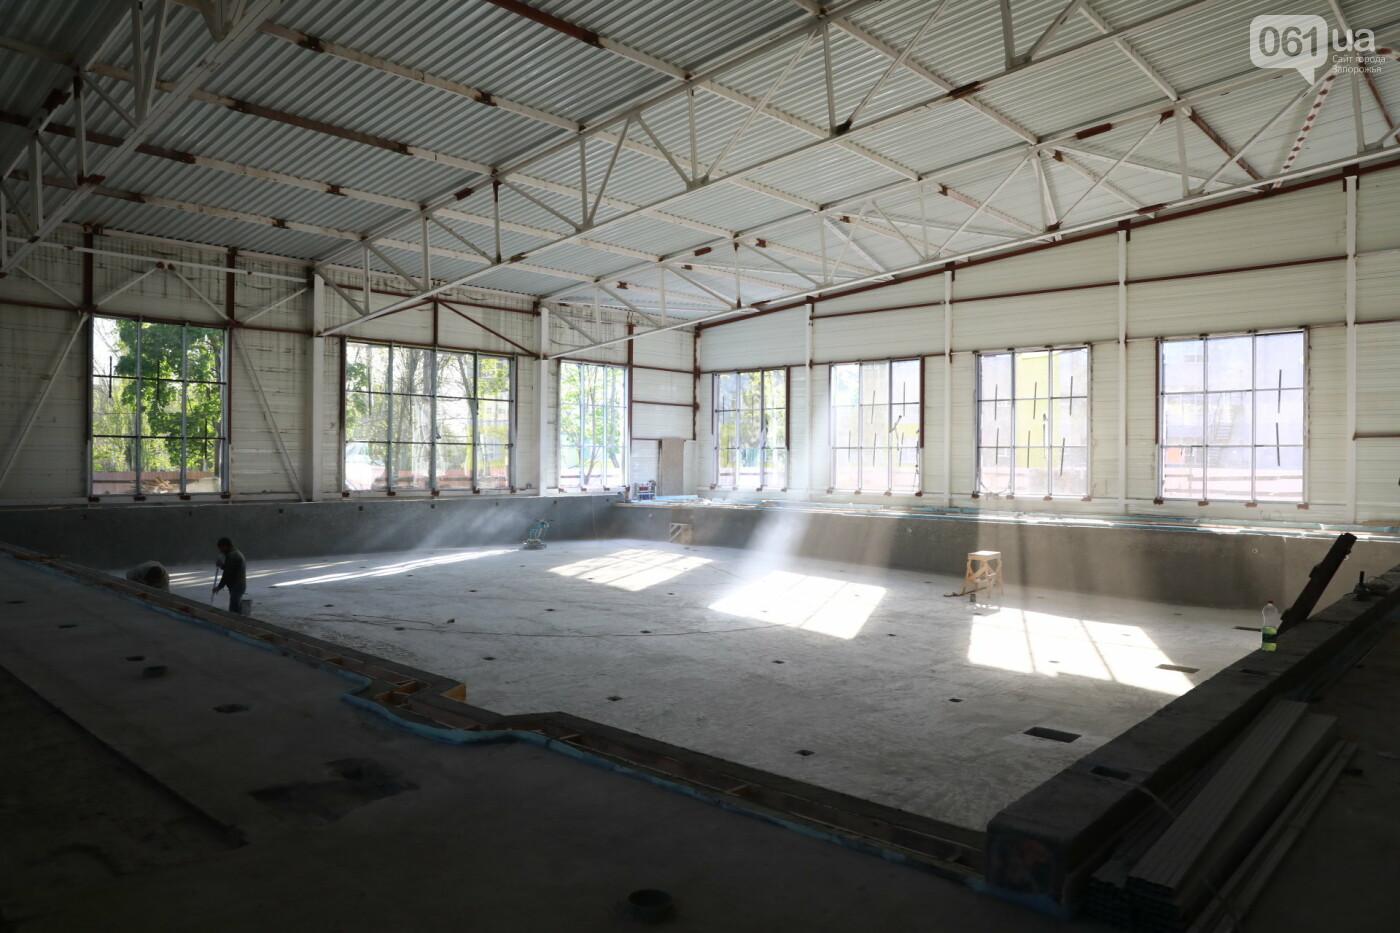 В Мелитополе полным ходом идет строительство водно-спортивного комплекса на 78 миллионов, - ФОТО, фото-5